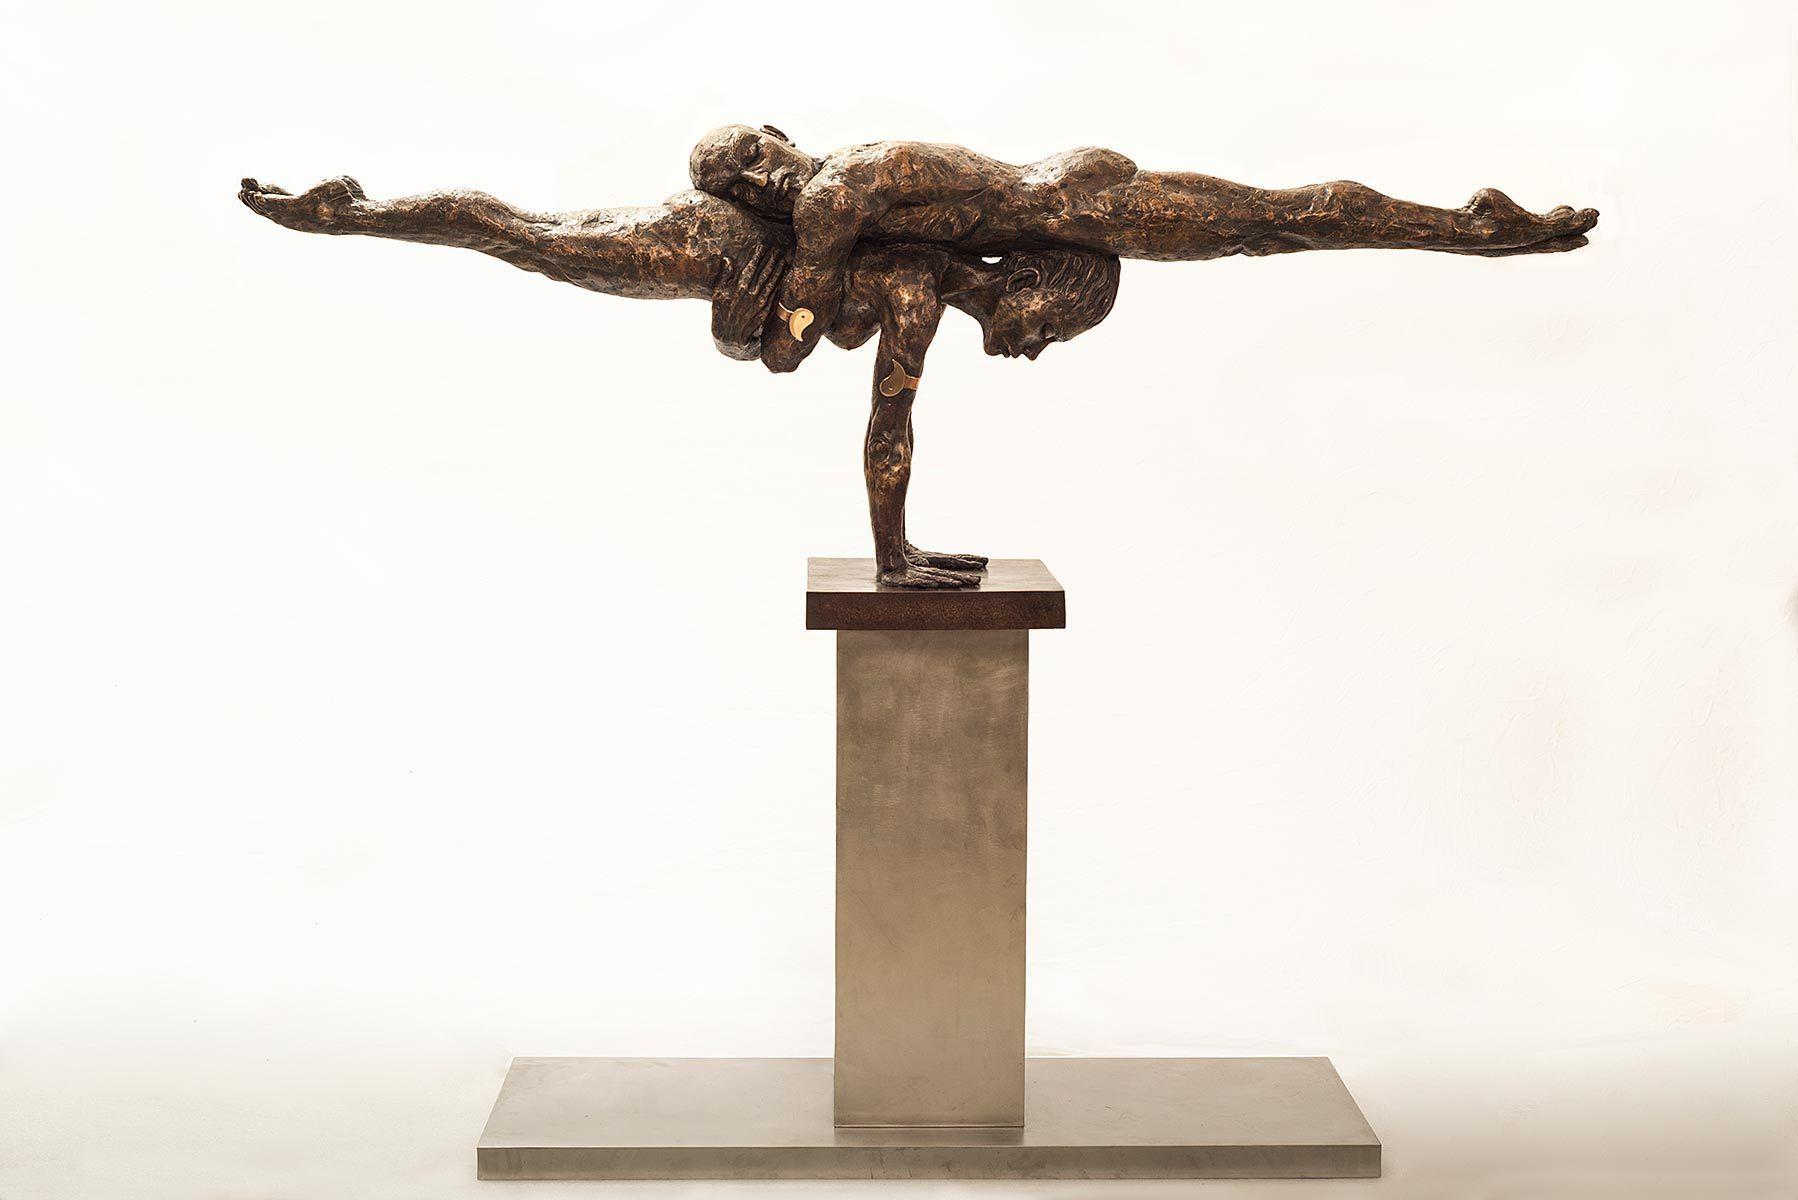 Fine Art - Marie Boyle Sculpture